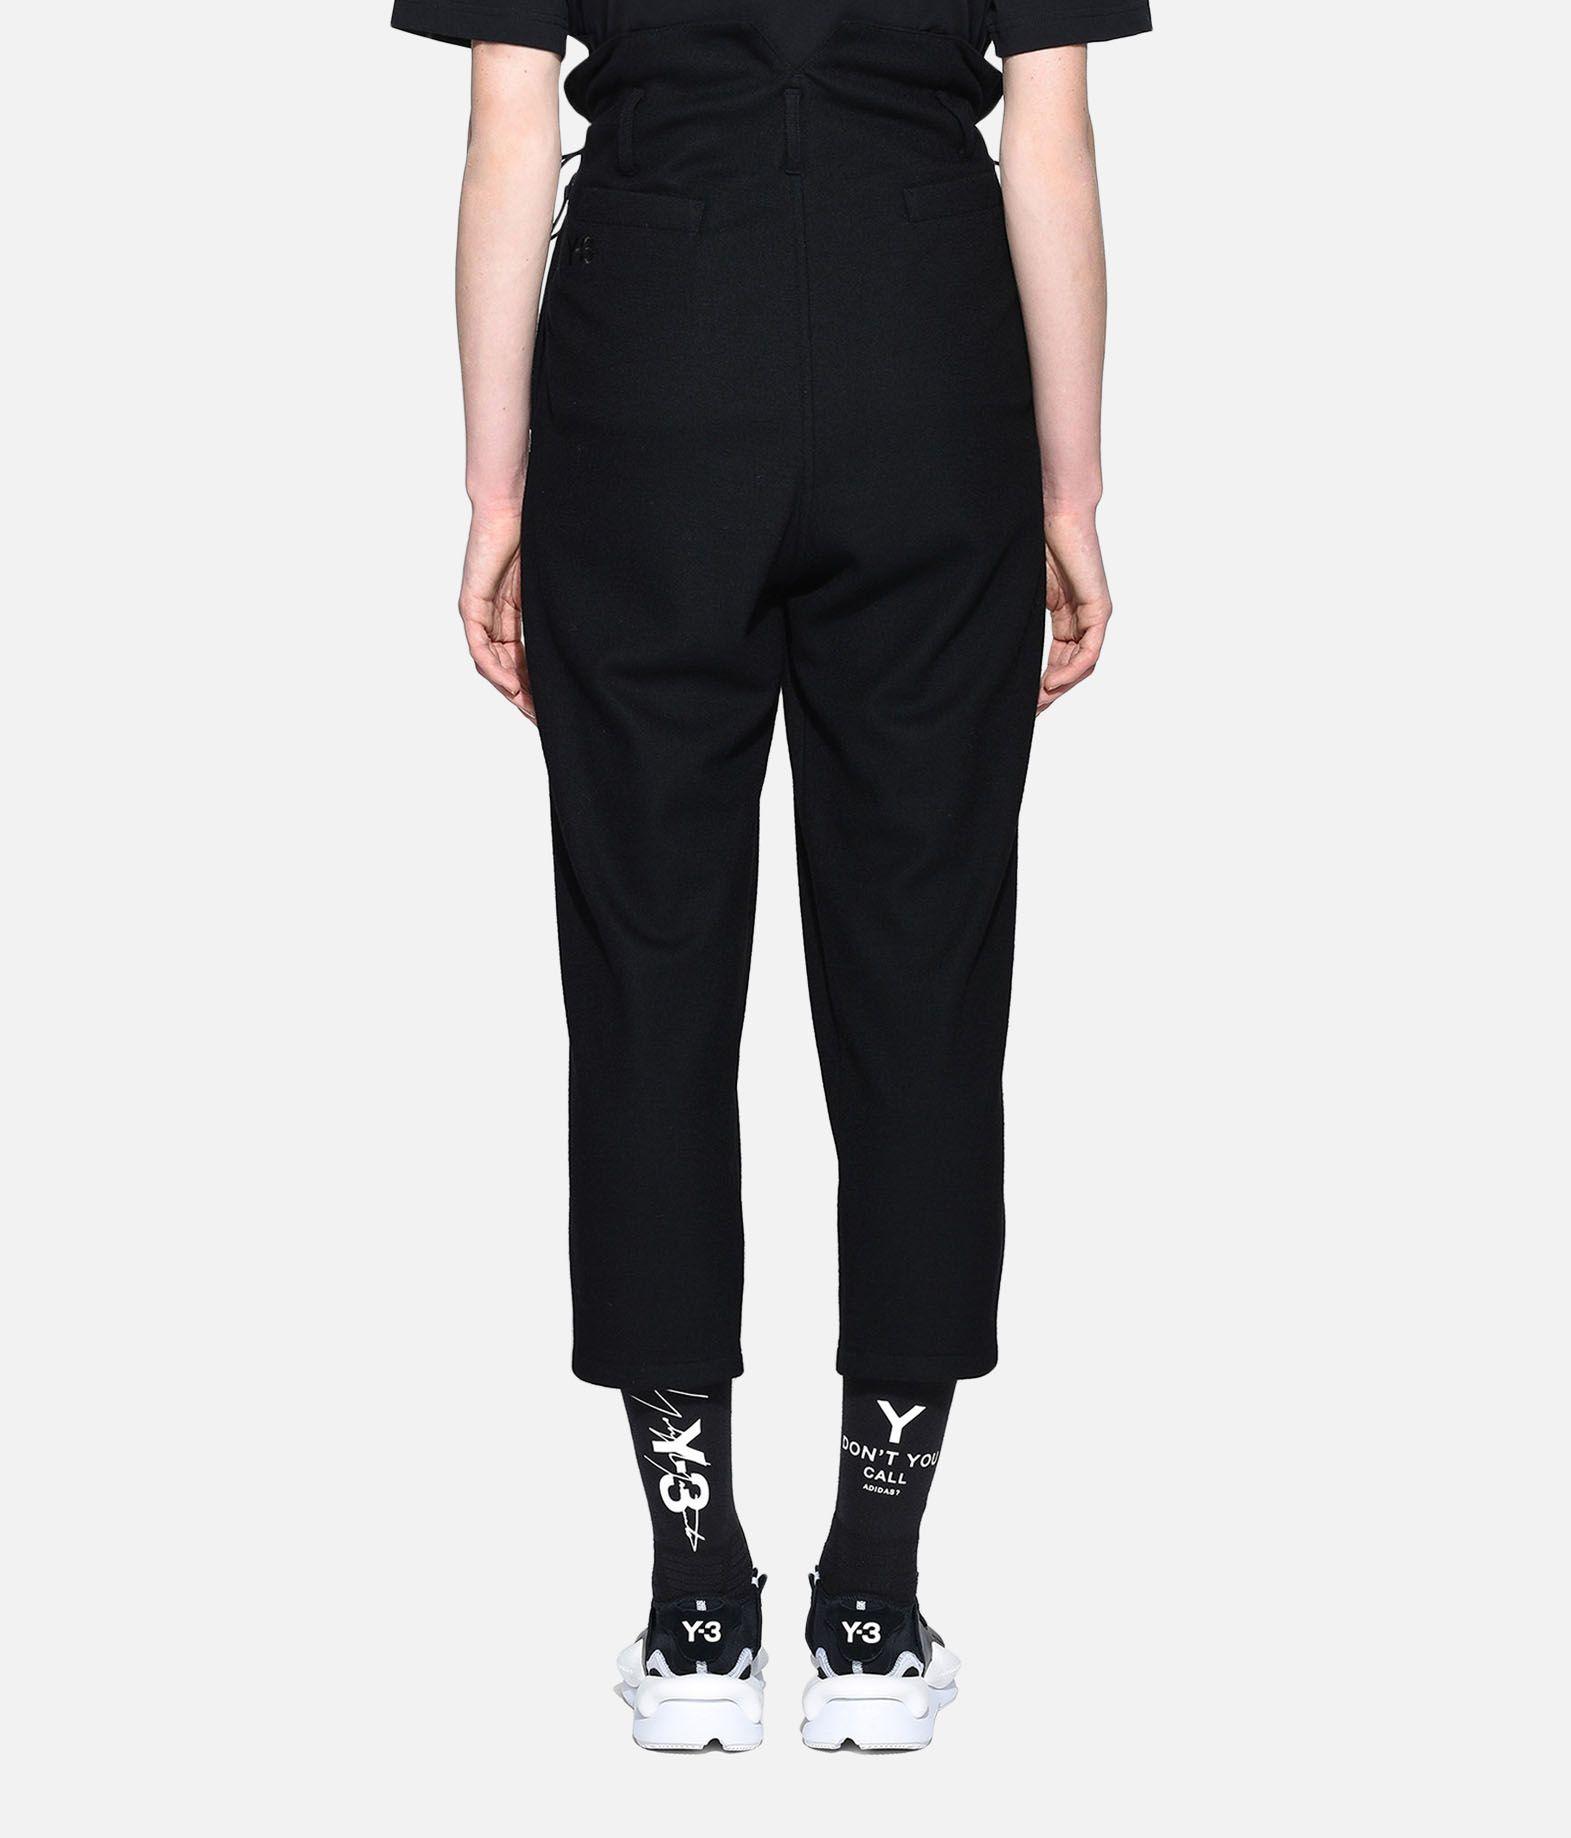 Y-3 Y-3 High Waist Wool Pants Casual pants Woman d